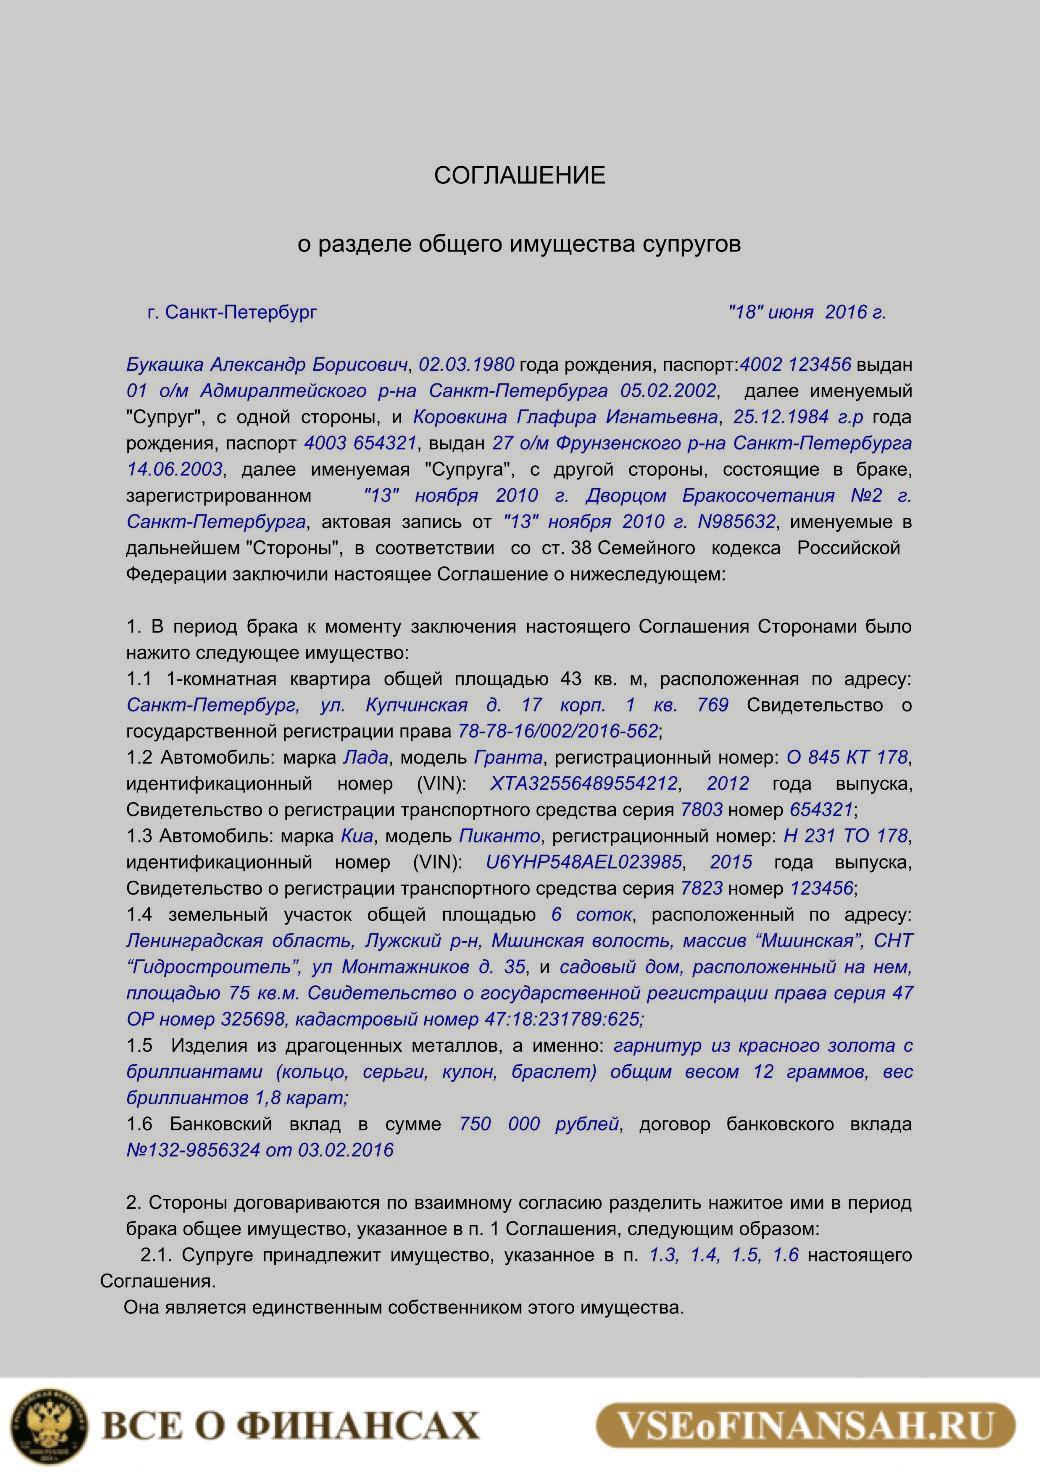 https://nedexpert.ru/wp-content/uploads/2018/01/soglashenie-o-razdele-imushhestva-suprugov-2.jpg